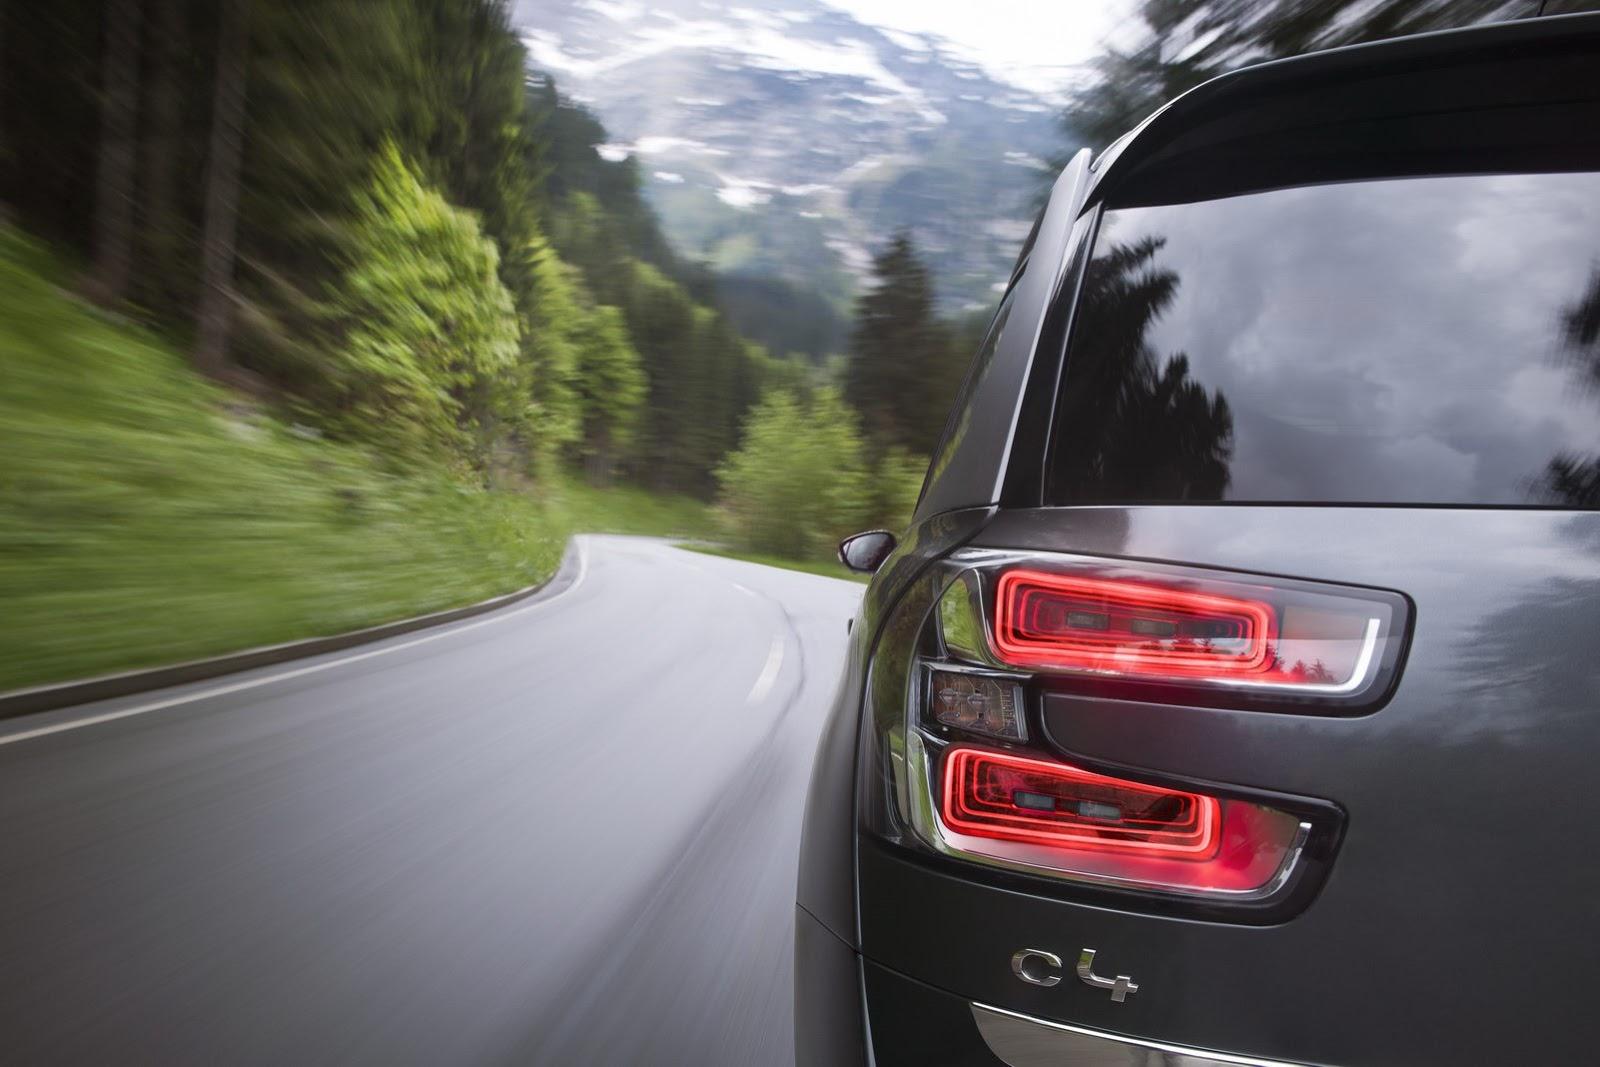 [SUJET OFFICIEL] Citroën Grand C4 Picasso II  - Page 4 Citroen-Grand-C4-Picasso-26%25255B2%25255D